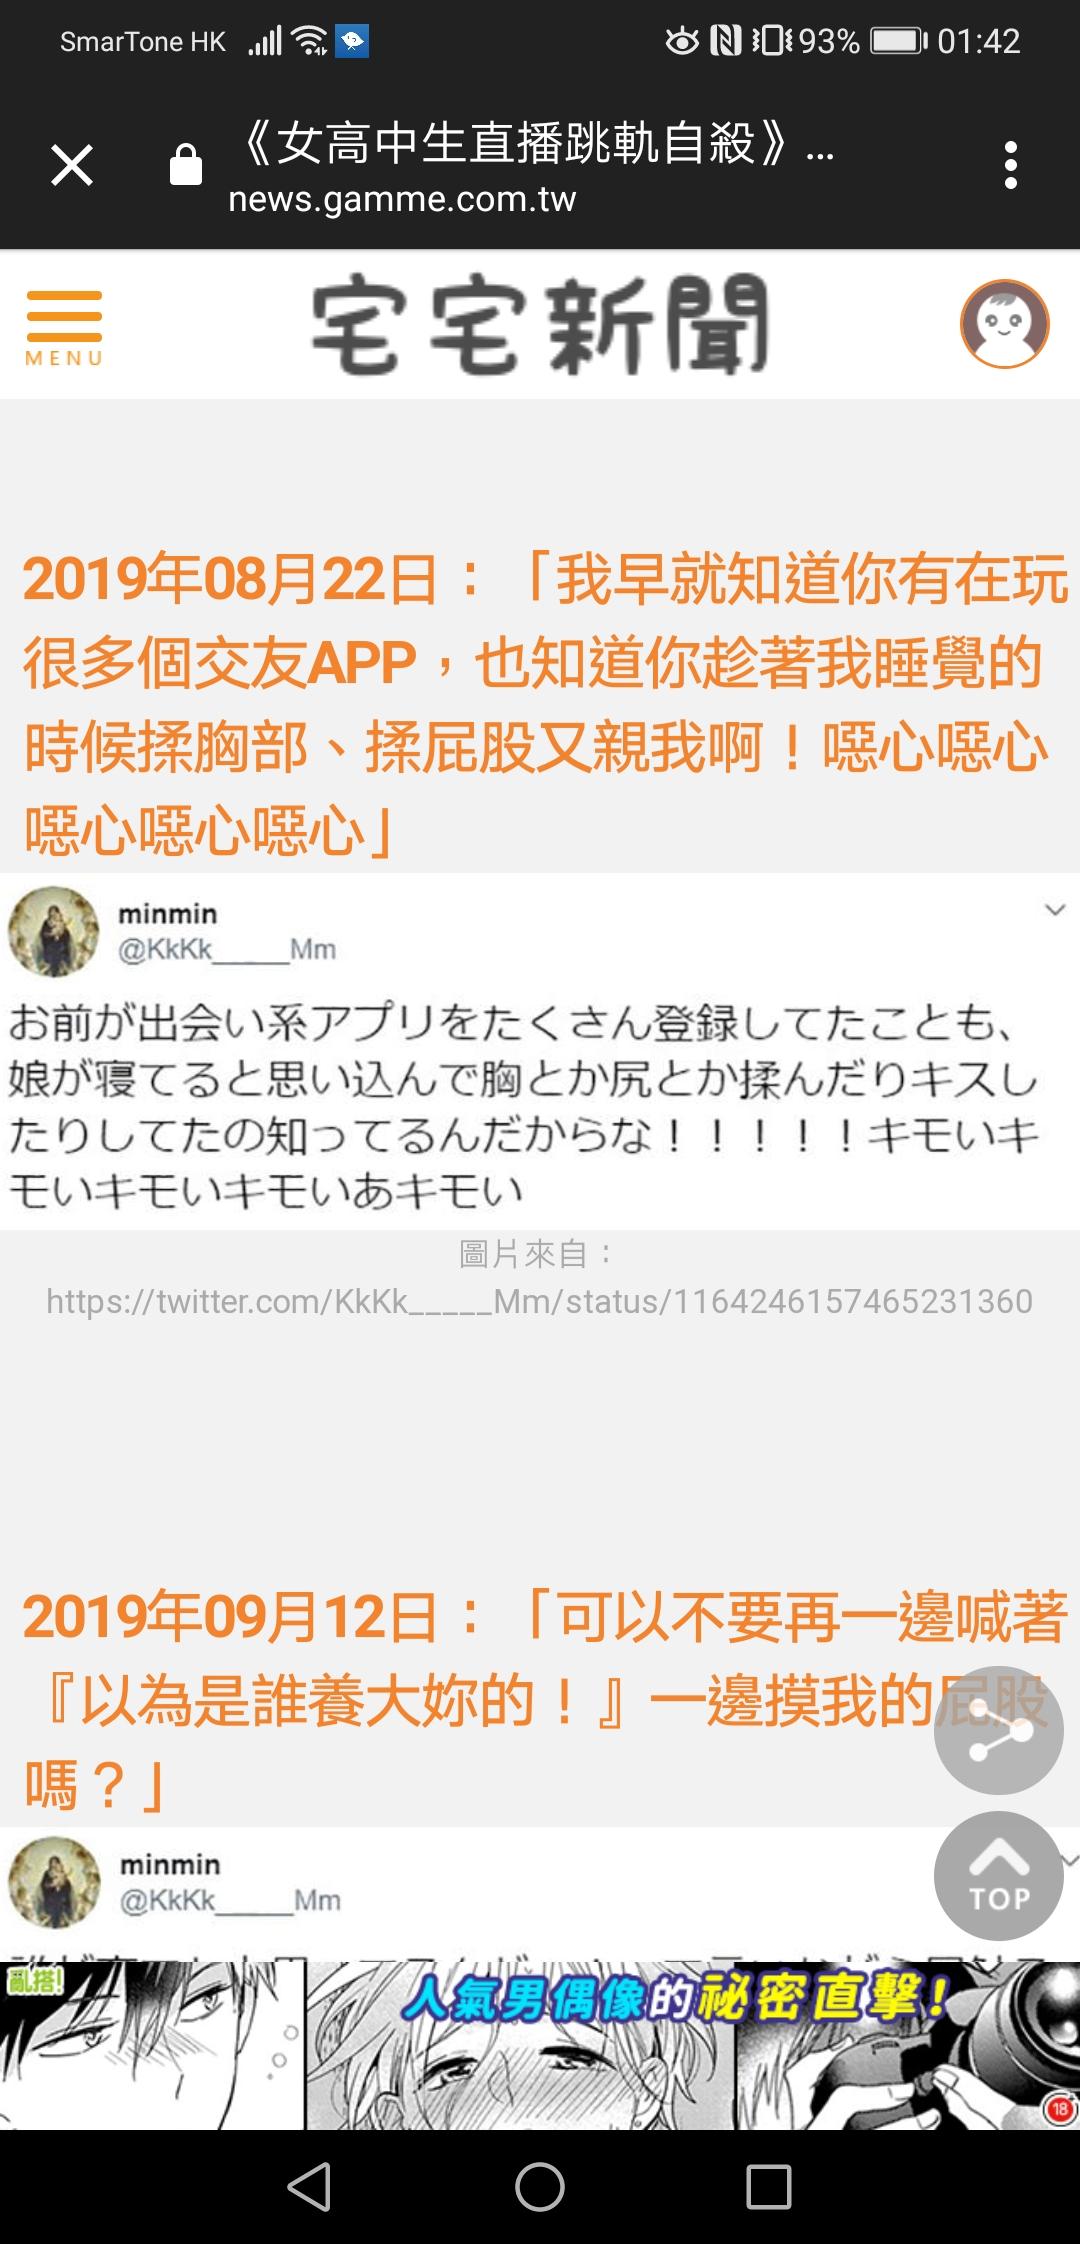 https://upload.cc/i1/2020/02/19/LfO7uC.png